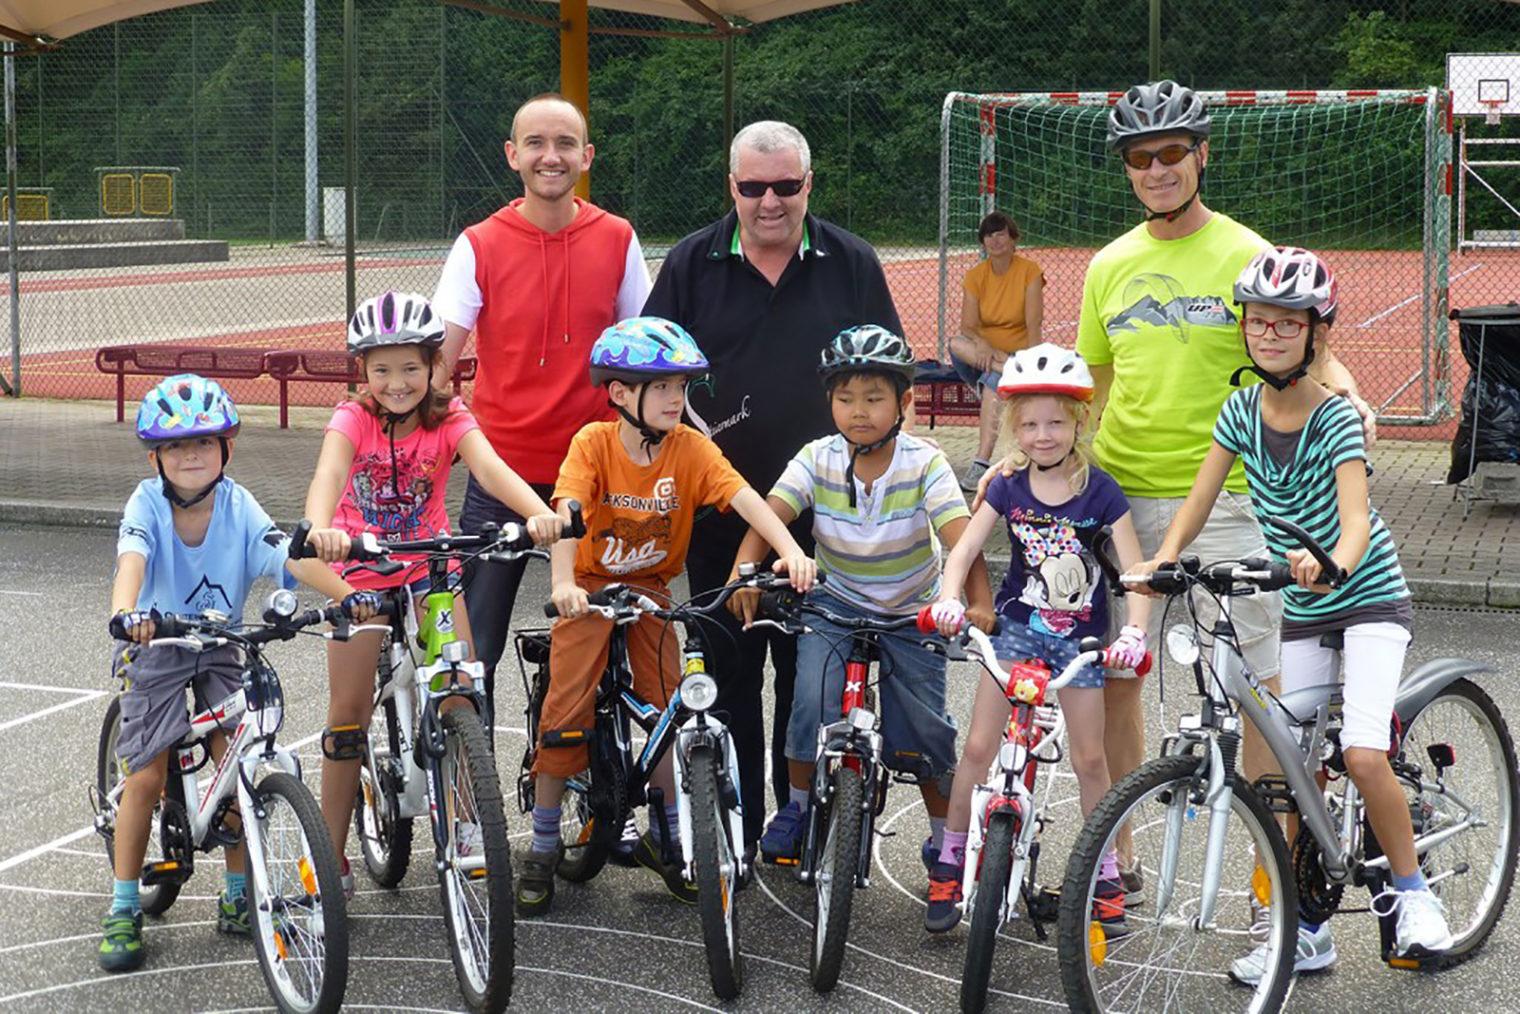 Teilnehmer mit ihrem Fahrrad beim Sommersport & Spaß 2014